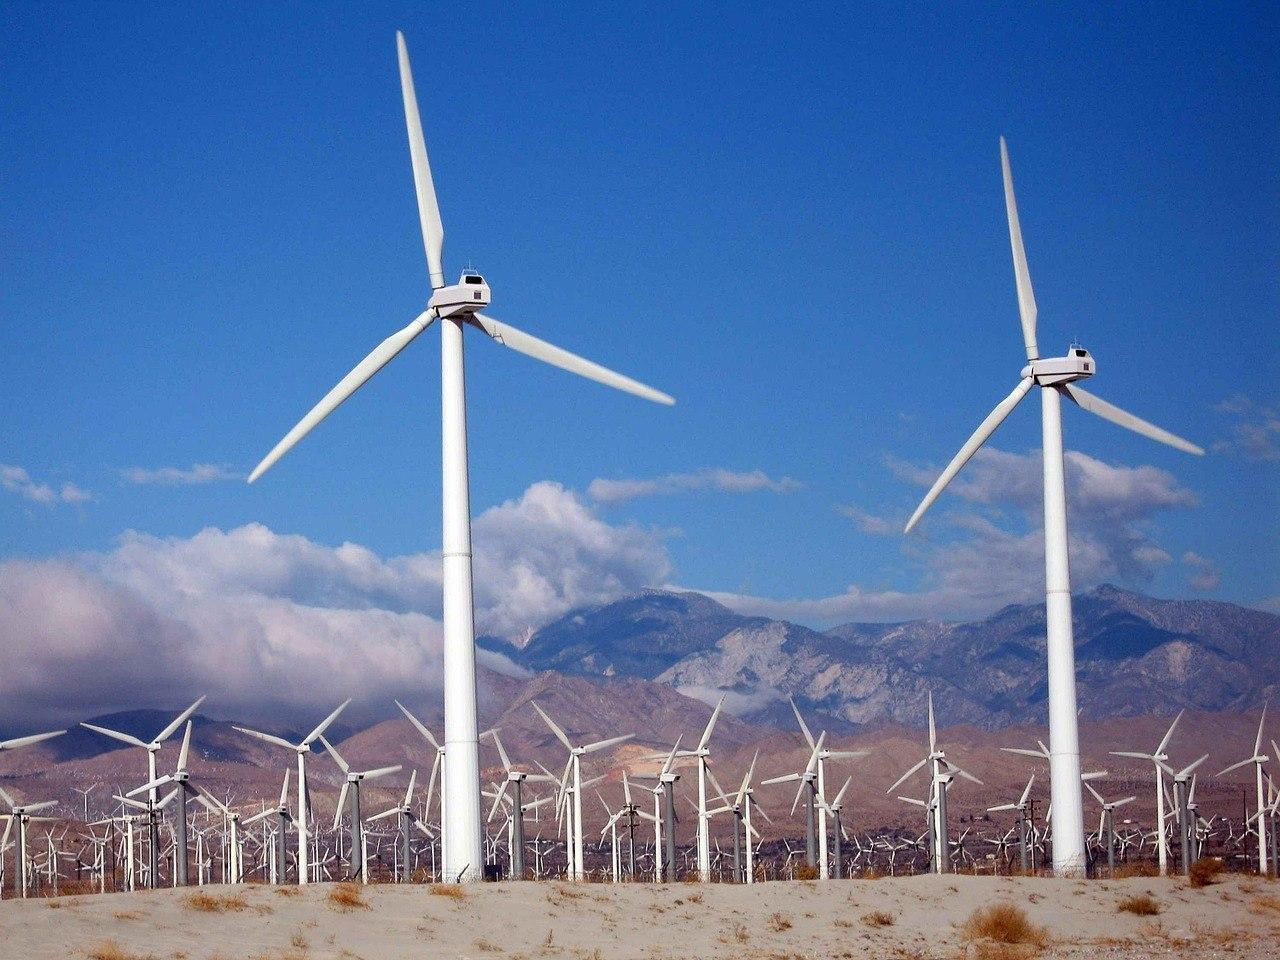 turbines-387282_1280.jpg